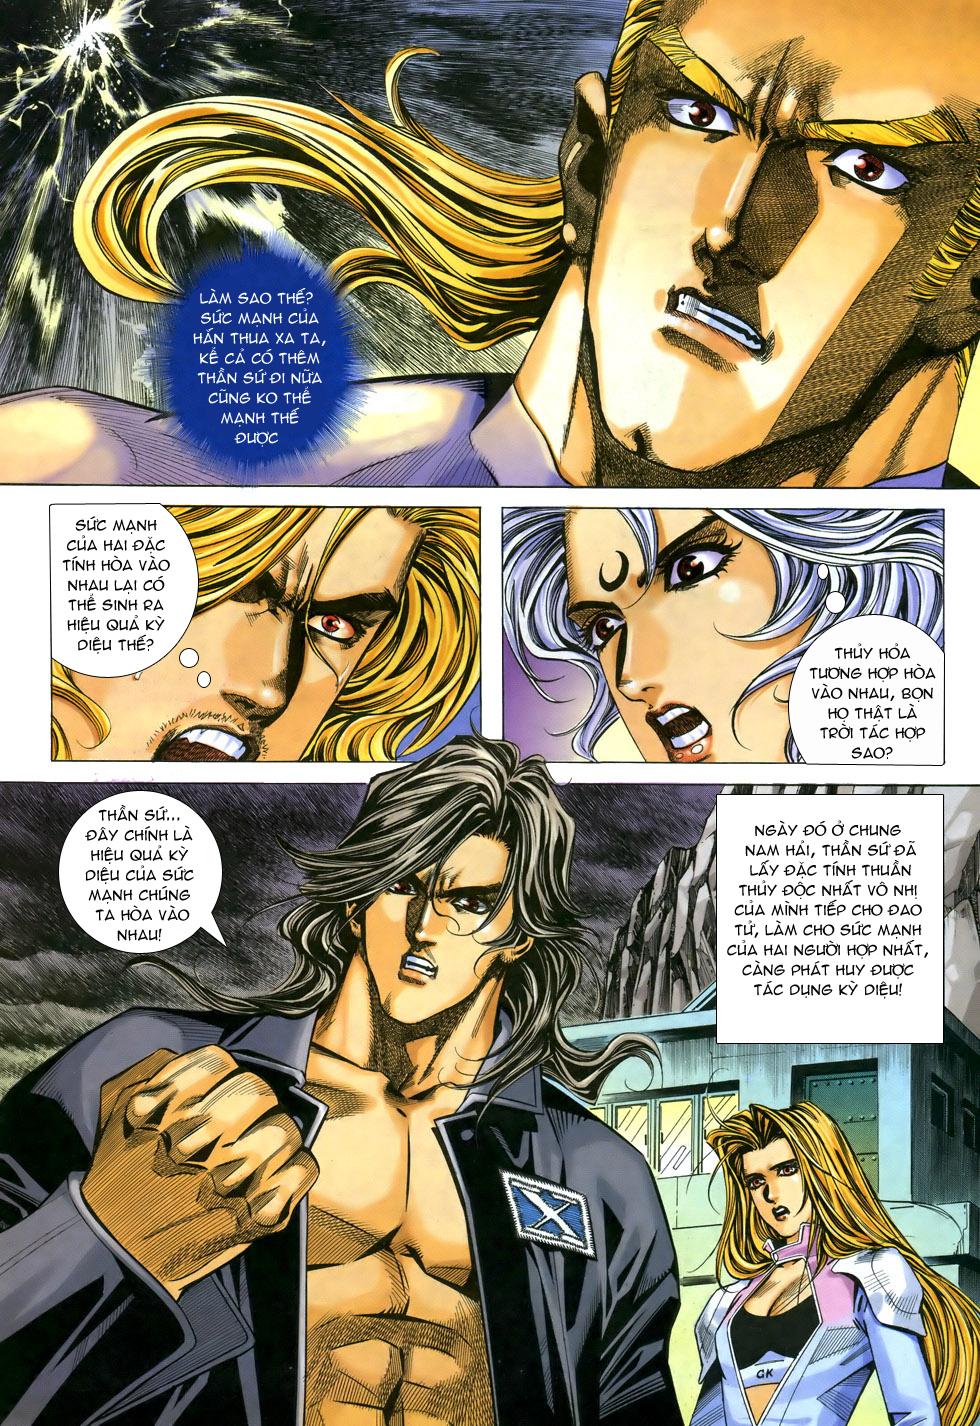 X Bạo Tộc chap 33 - Trang 20